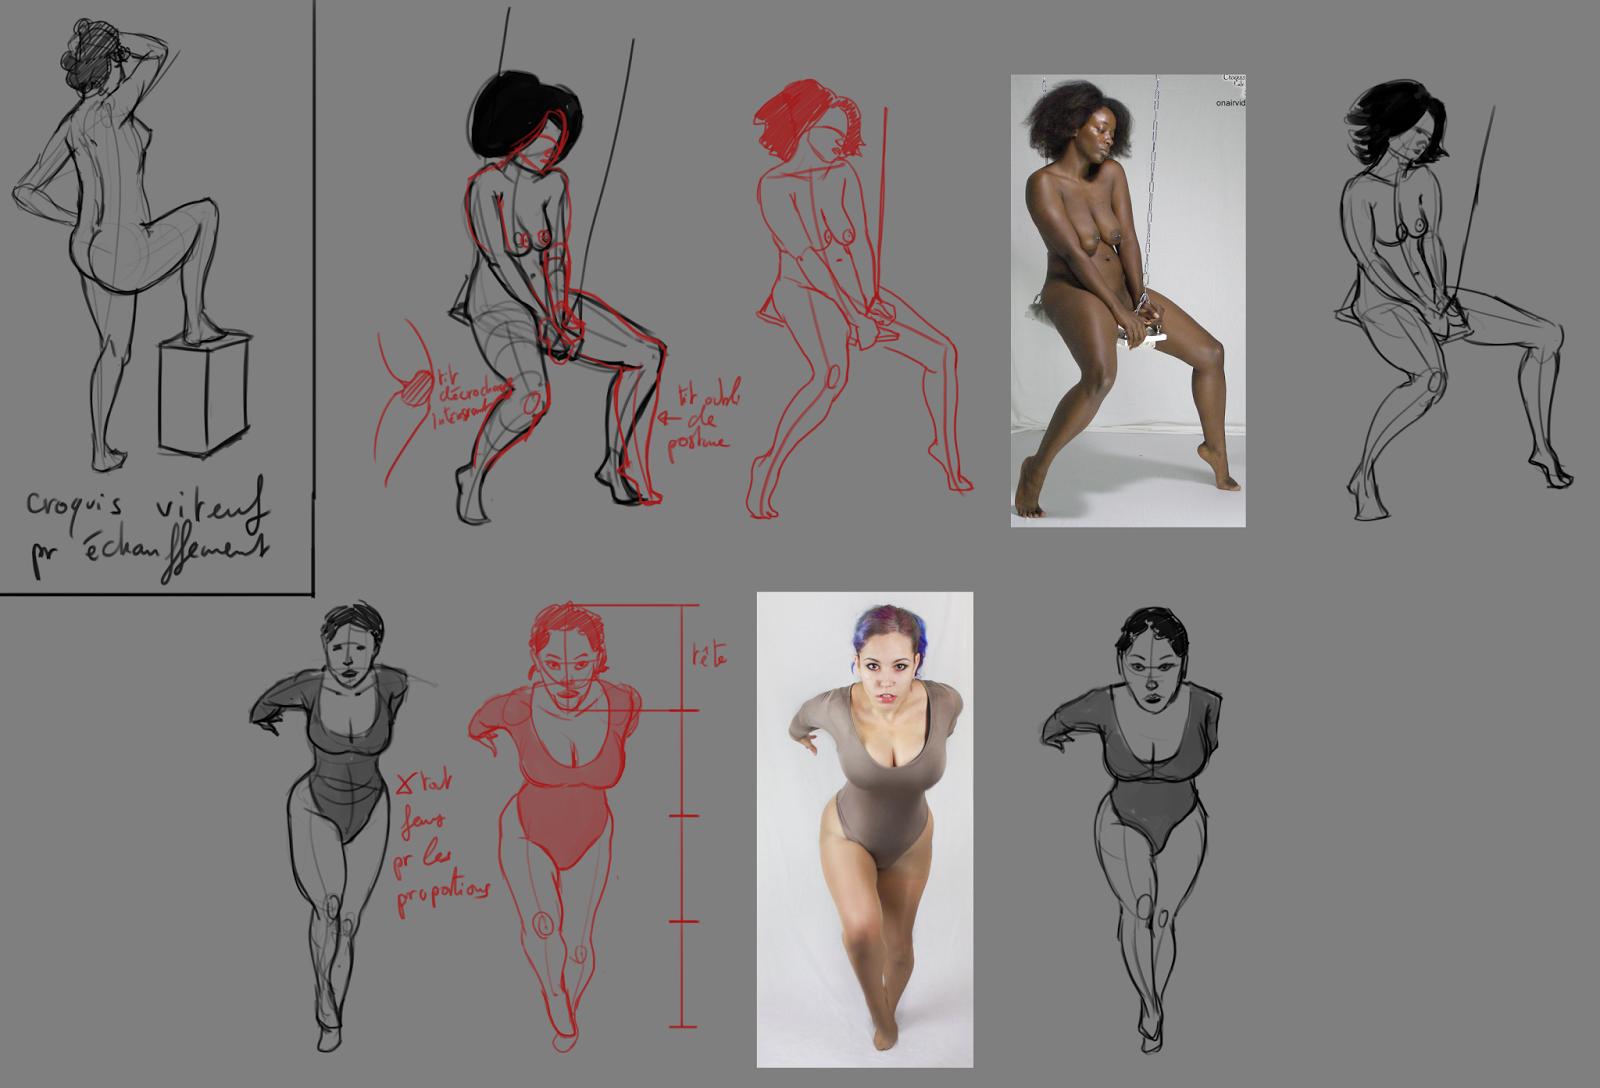 XaB au travail ! [nudity inside] - Page 23 SpeedStudies_2017-08-14